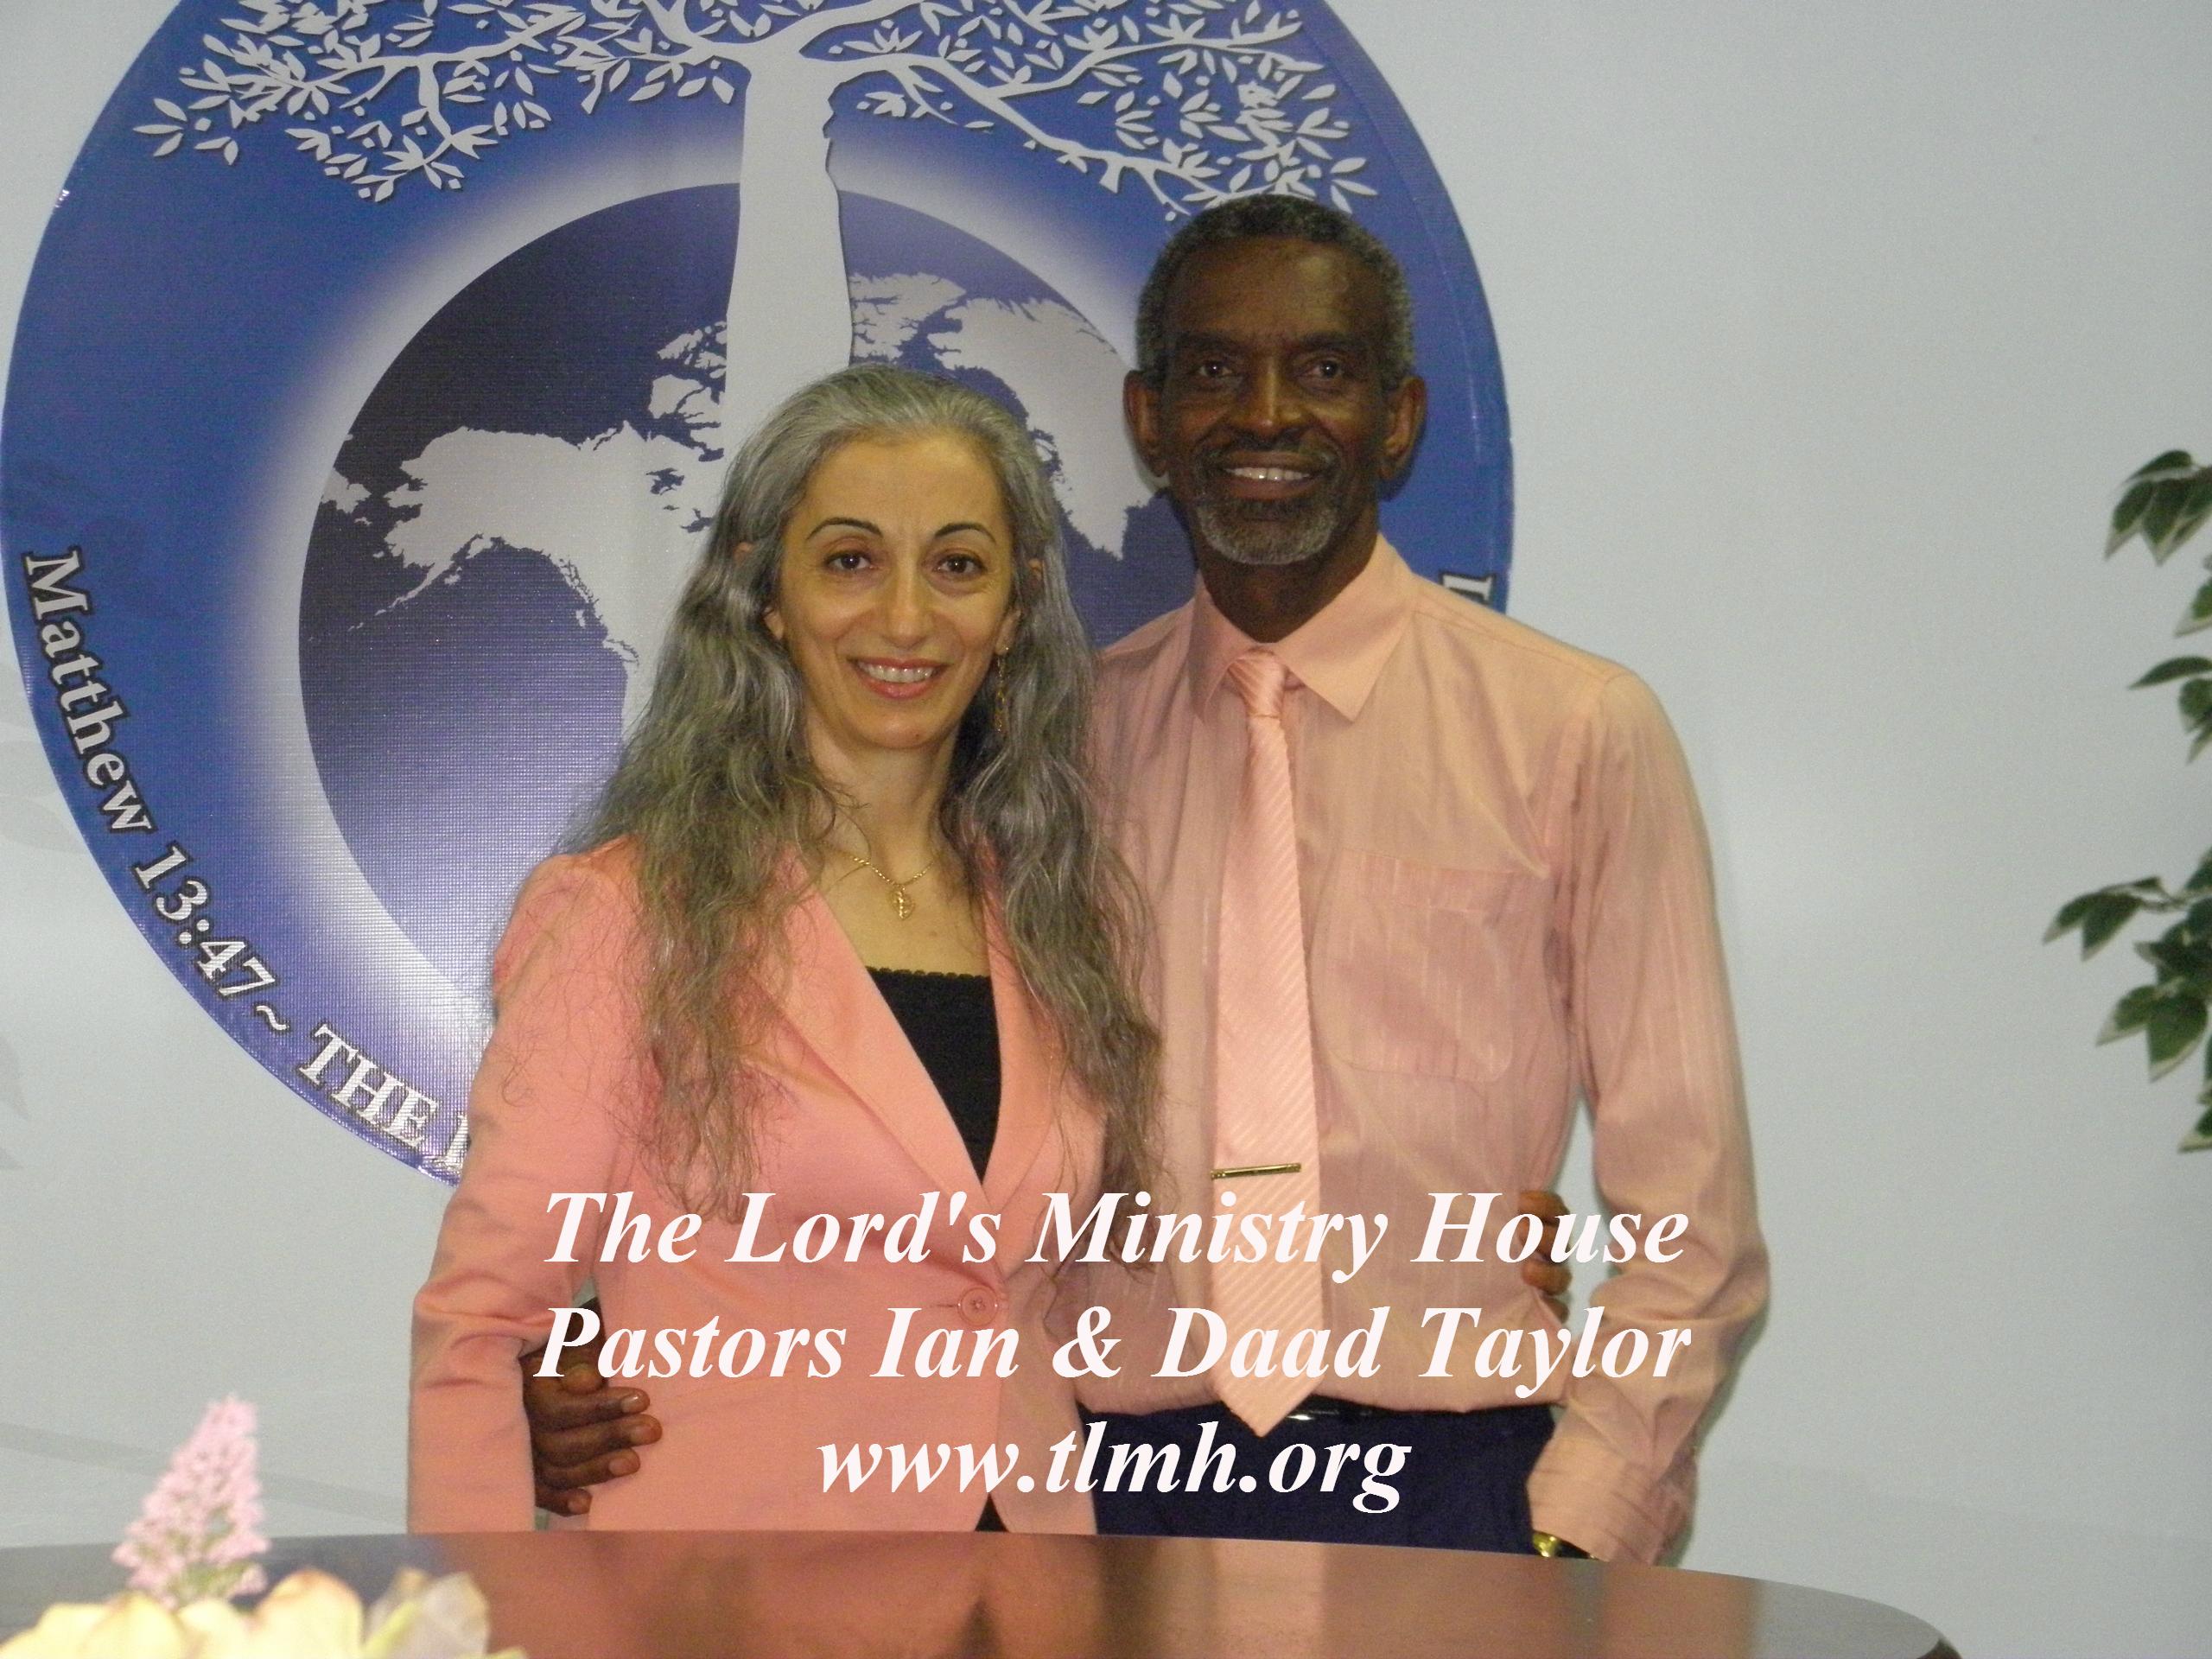 Pastors Ian & Daad Taylor